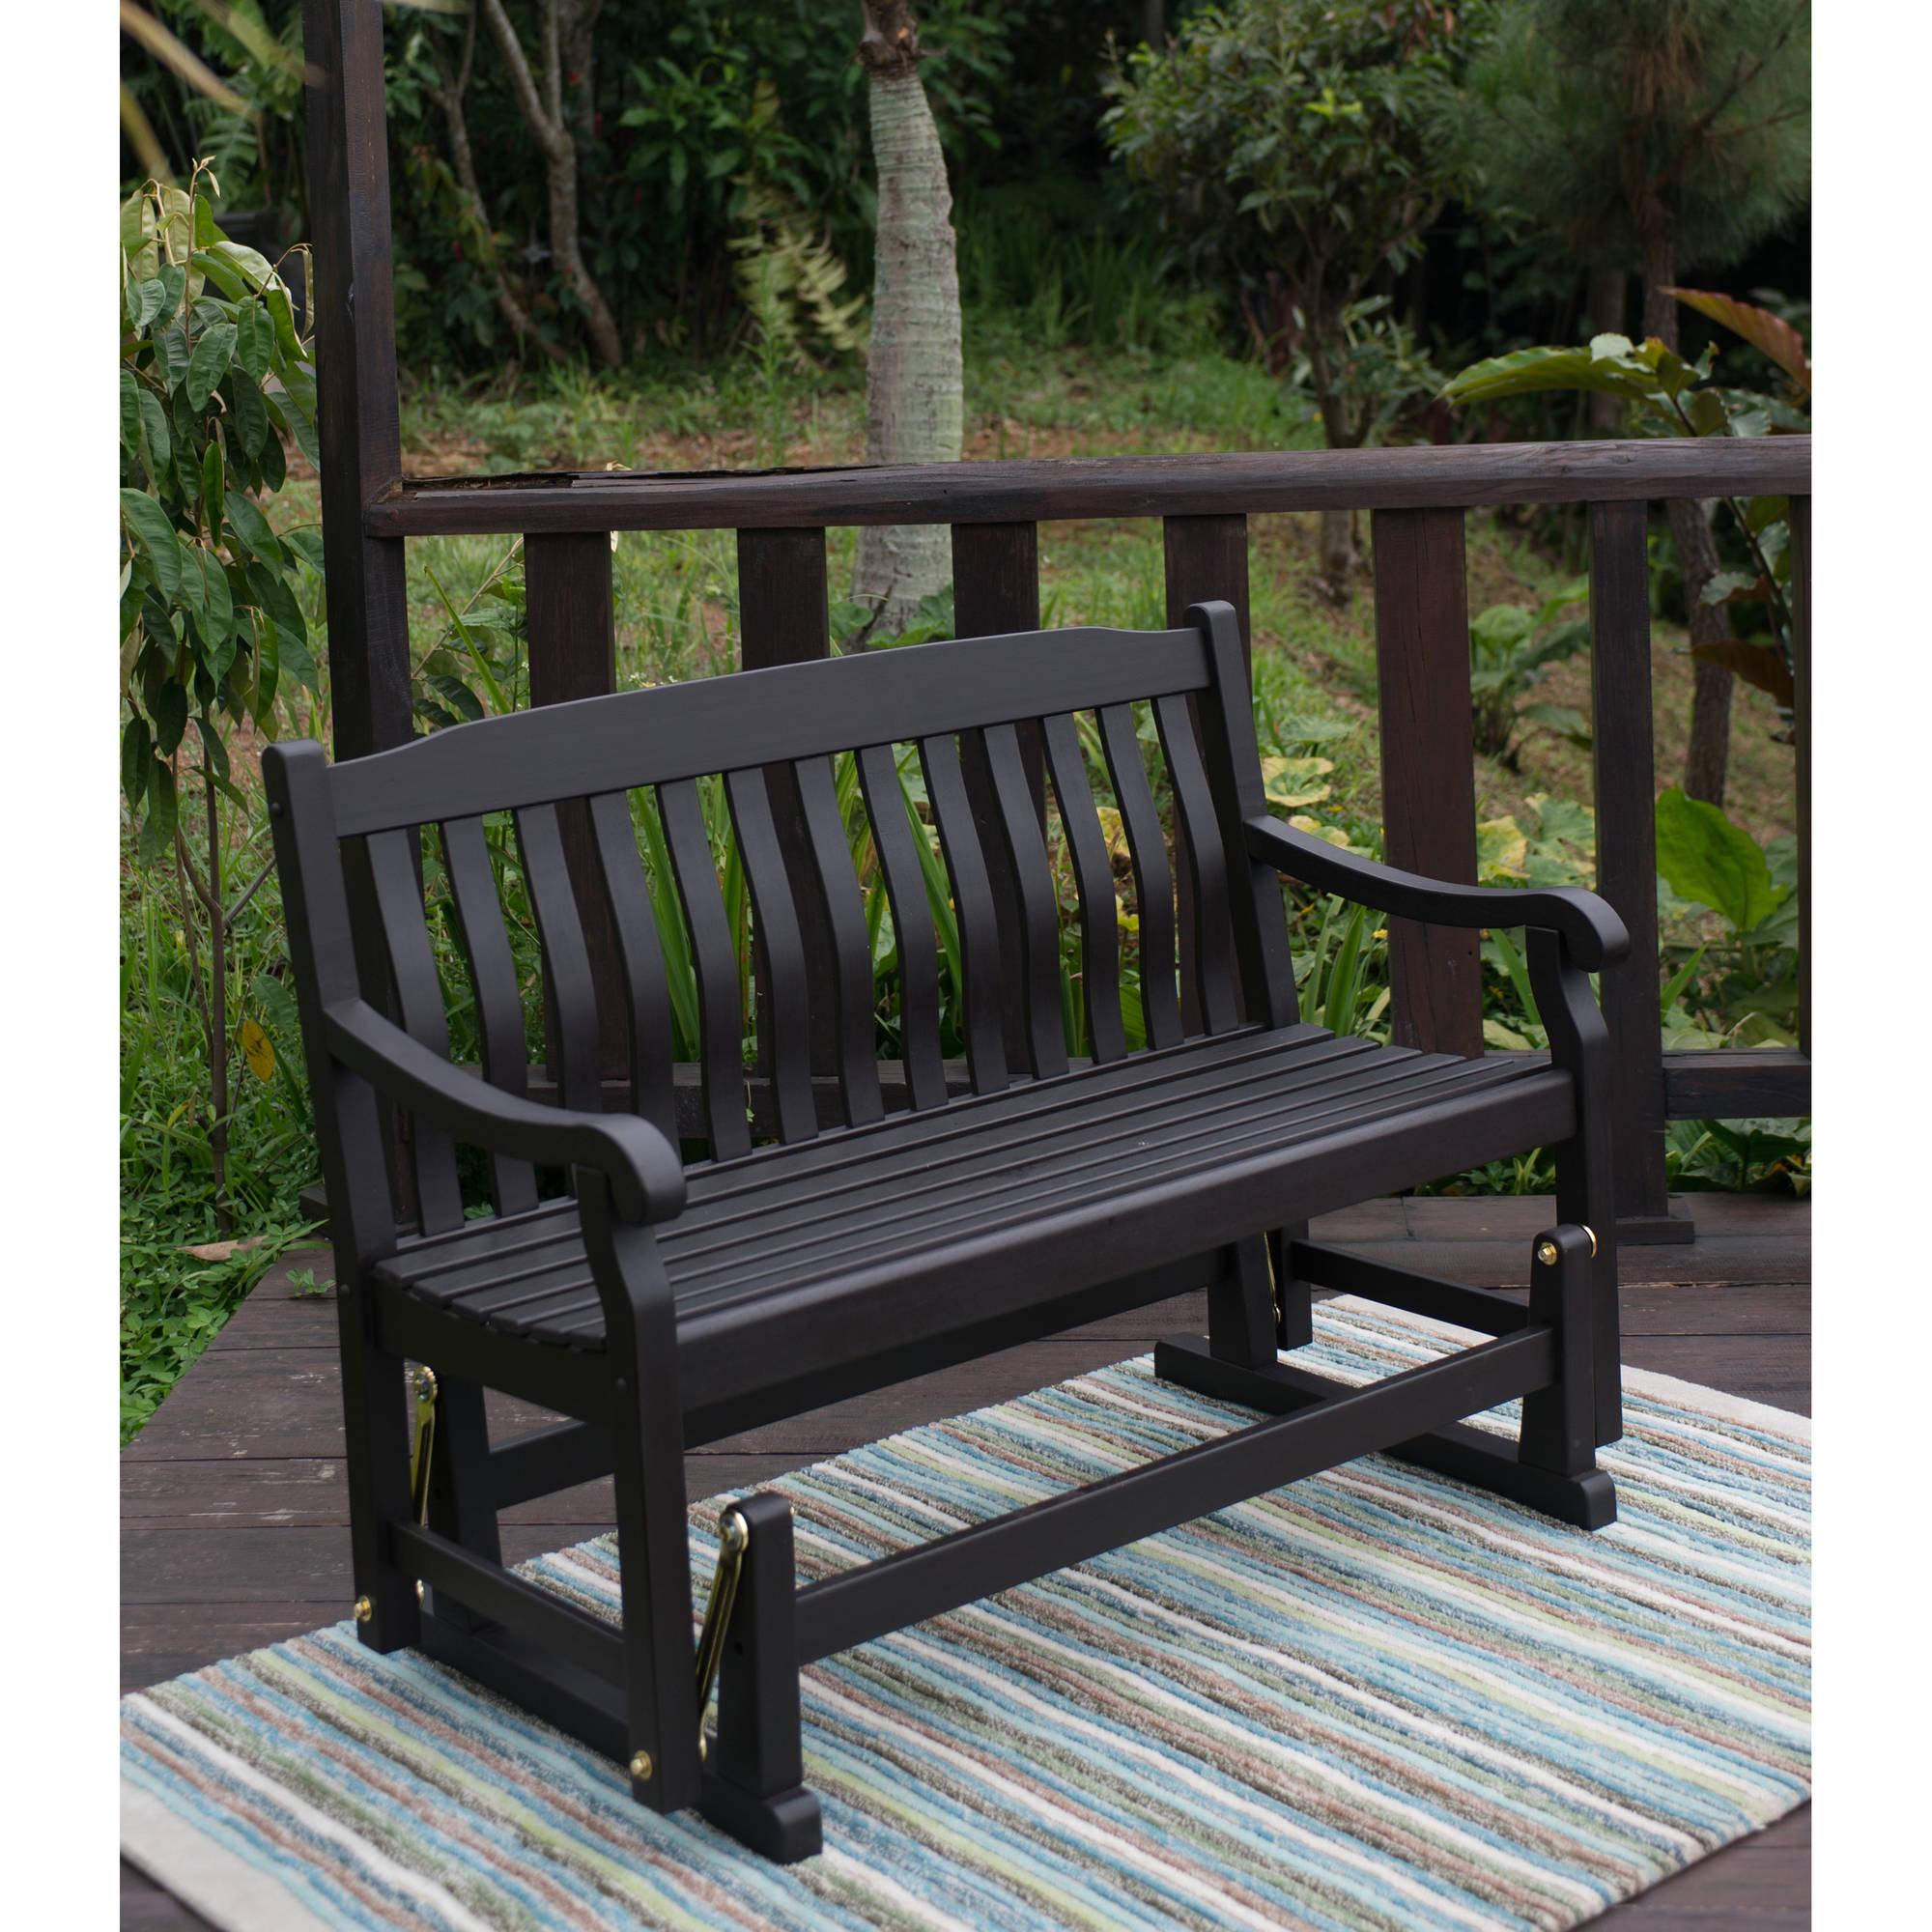 Better Homes & Gardens Delahey Outdoor Glider Bench, Dark Brown – Walmart With Regard To Loveseat Glider Benches (View 21 of 25)